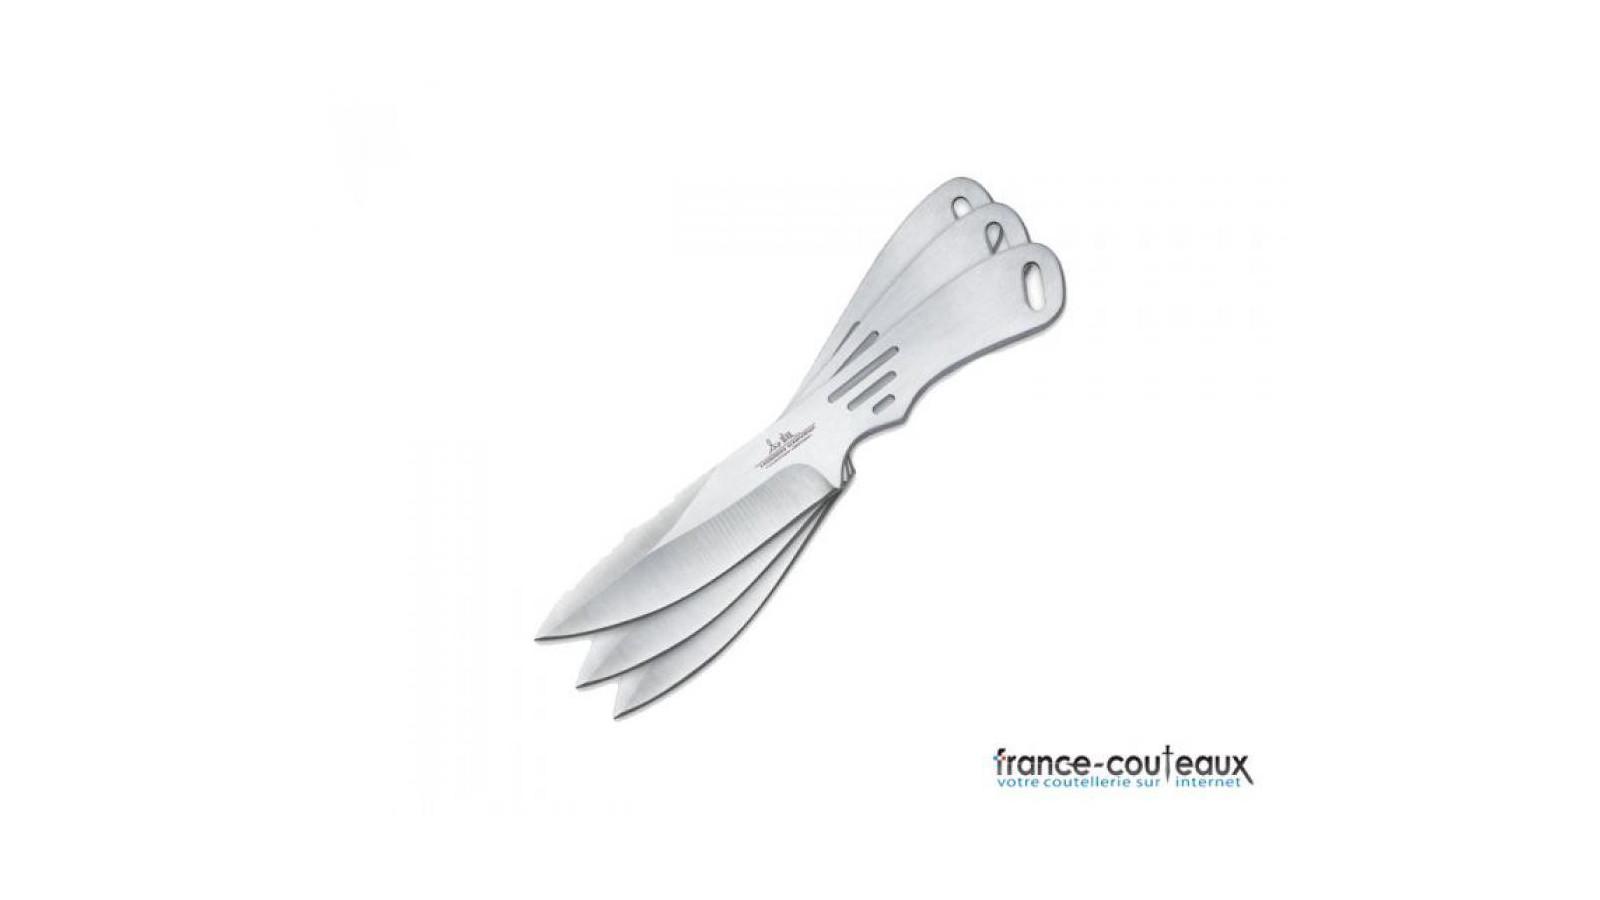 Couteau de poche CRKT Outrage - design Ken Onion